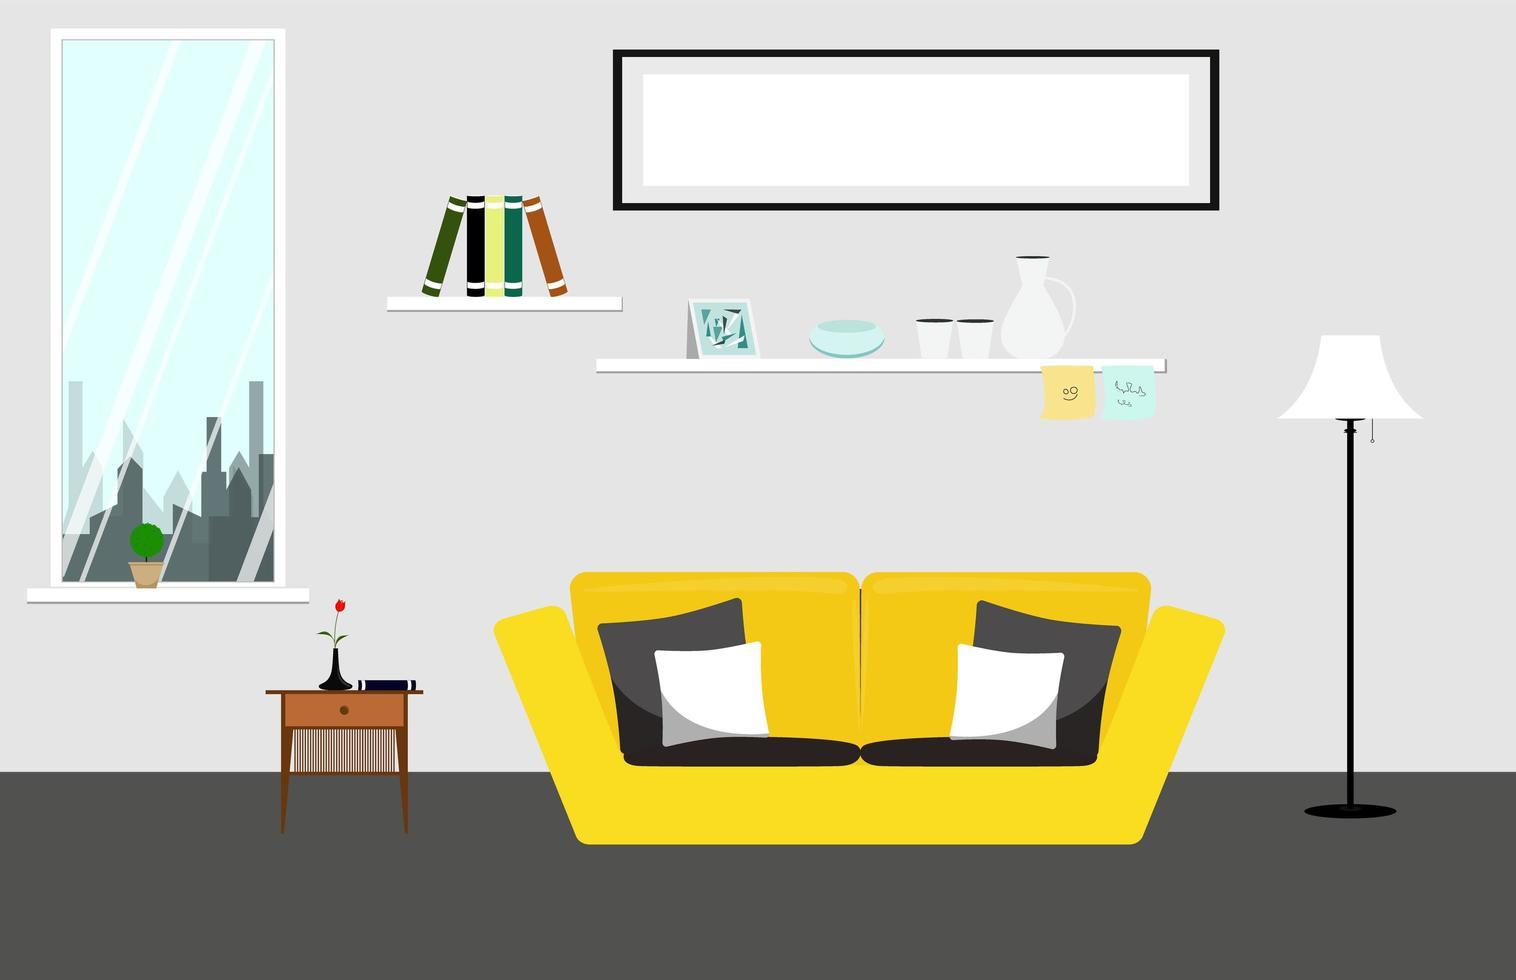 salon de style plat avec canapé jaune vecteur